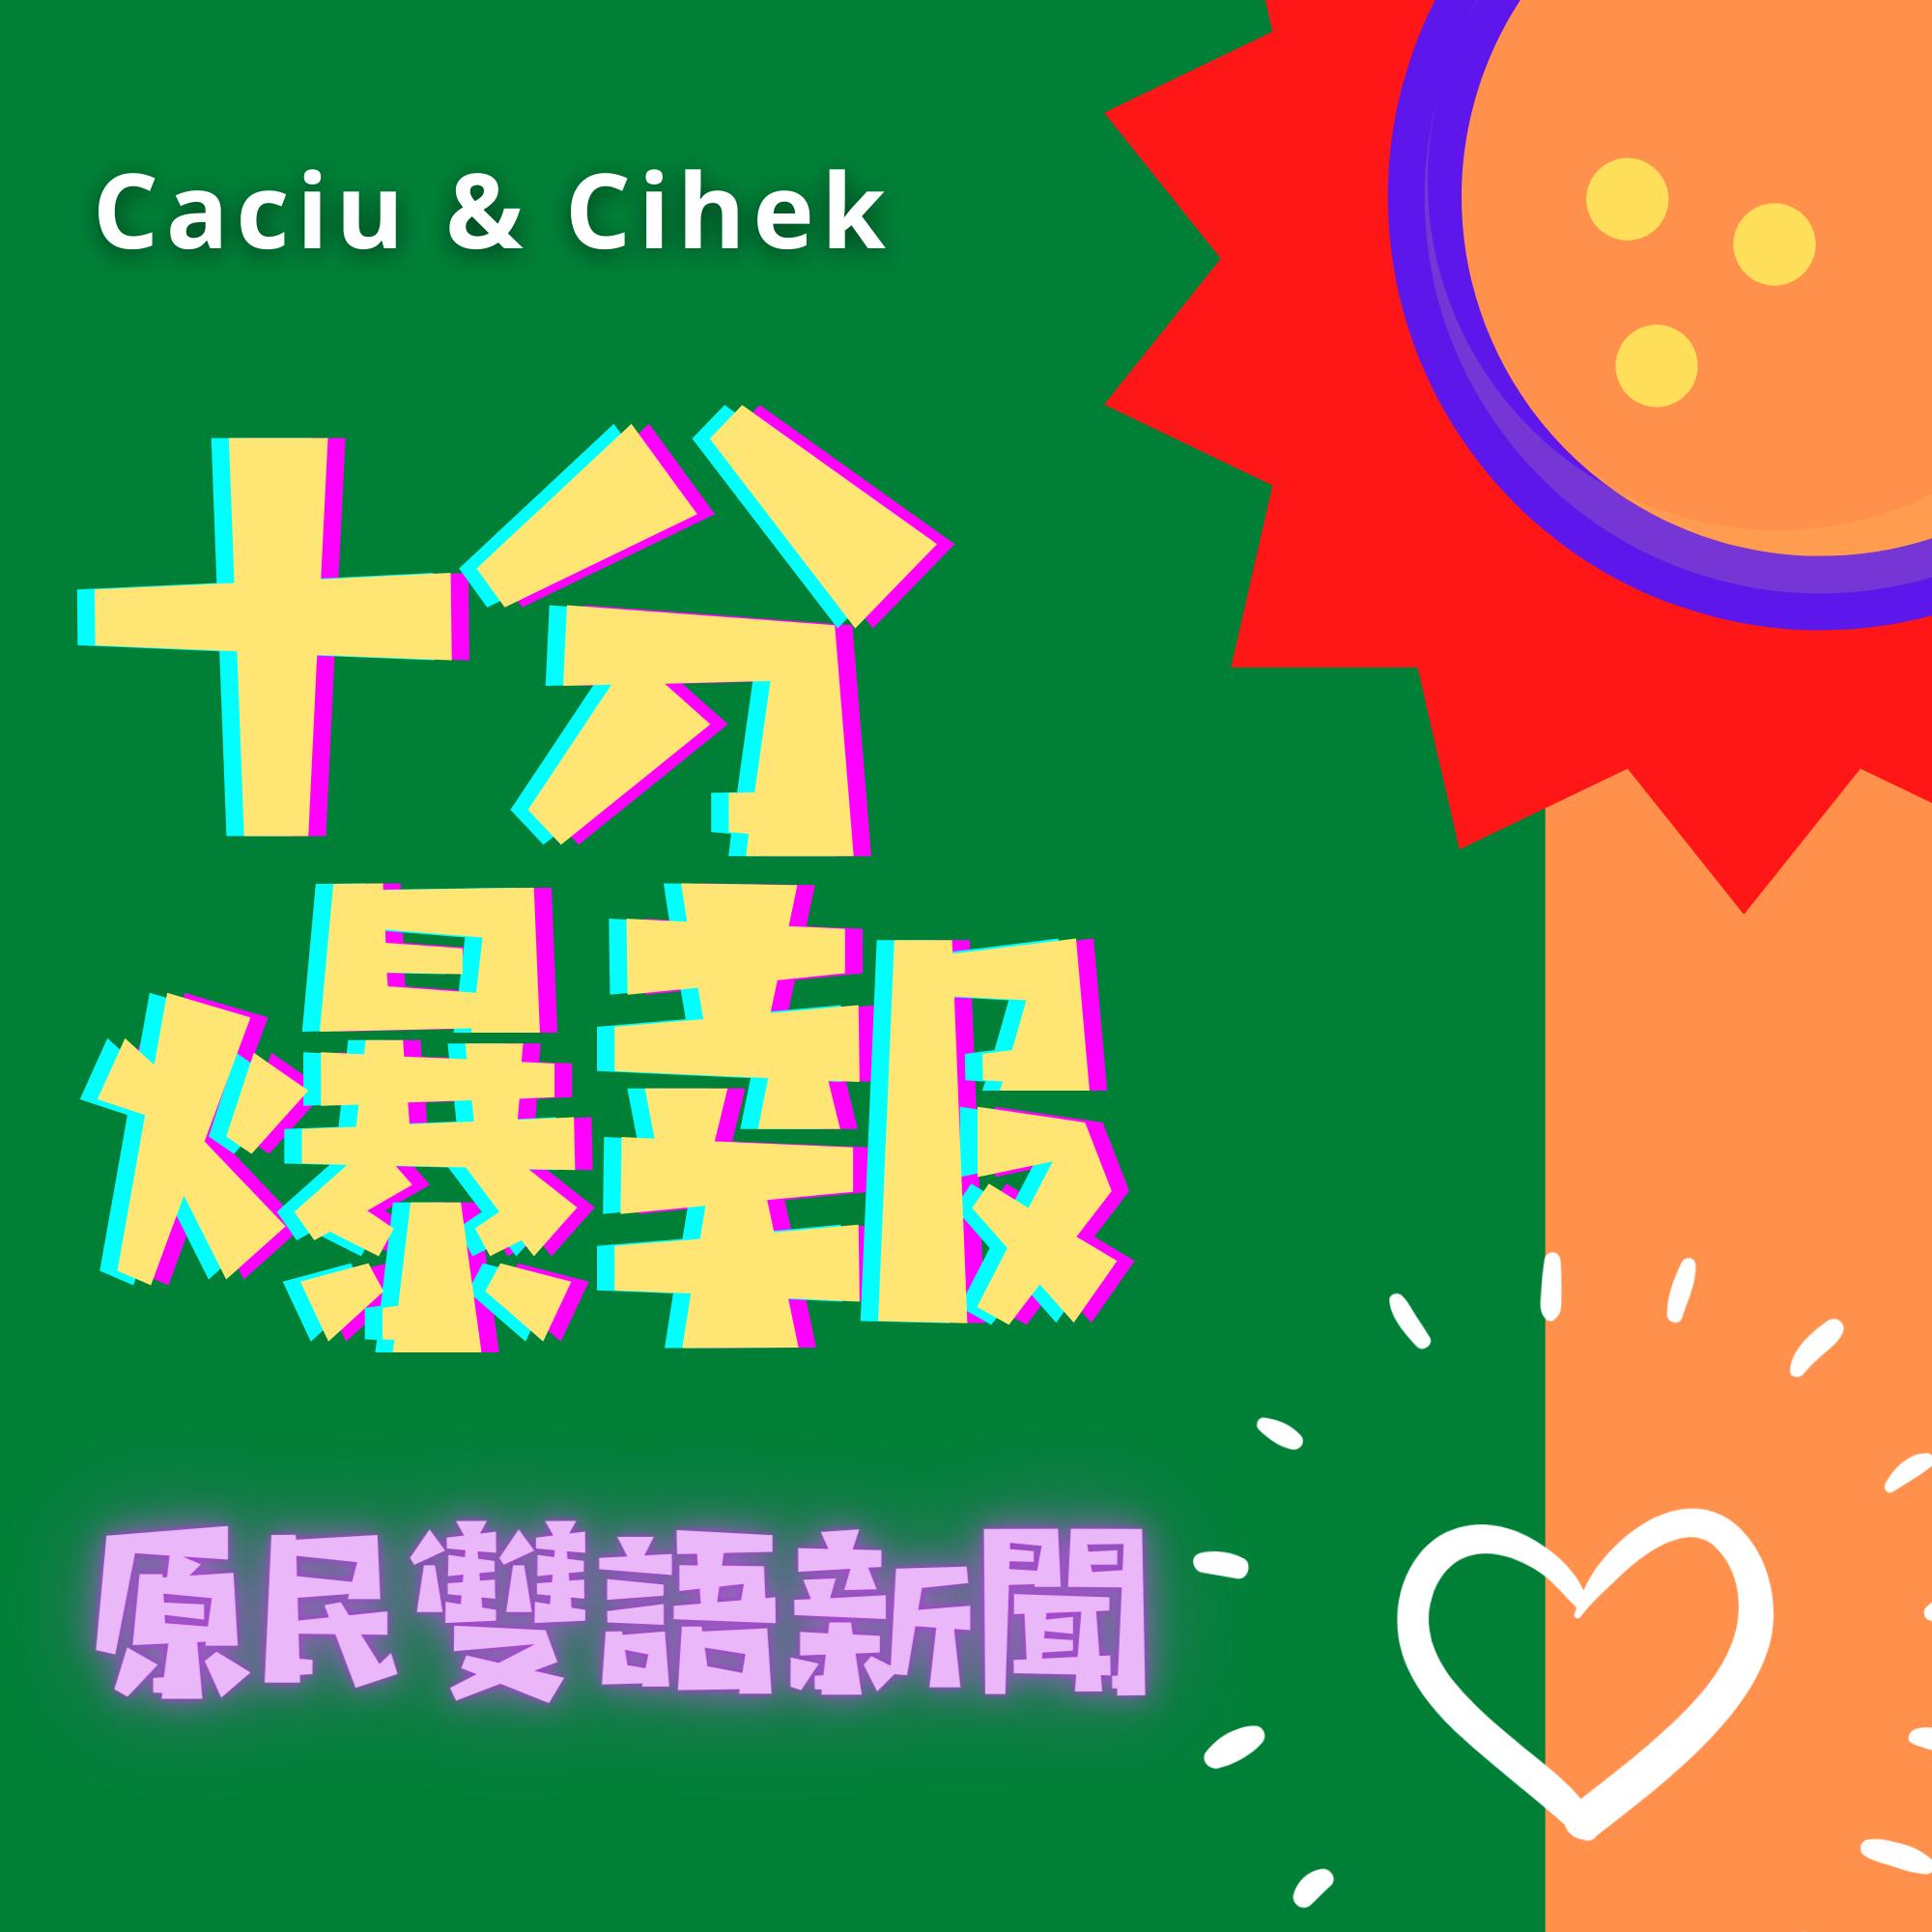 【十分爆報ep33】雙C主持人(Caciu & Cihek)與你的見面會20211006